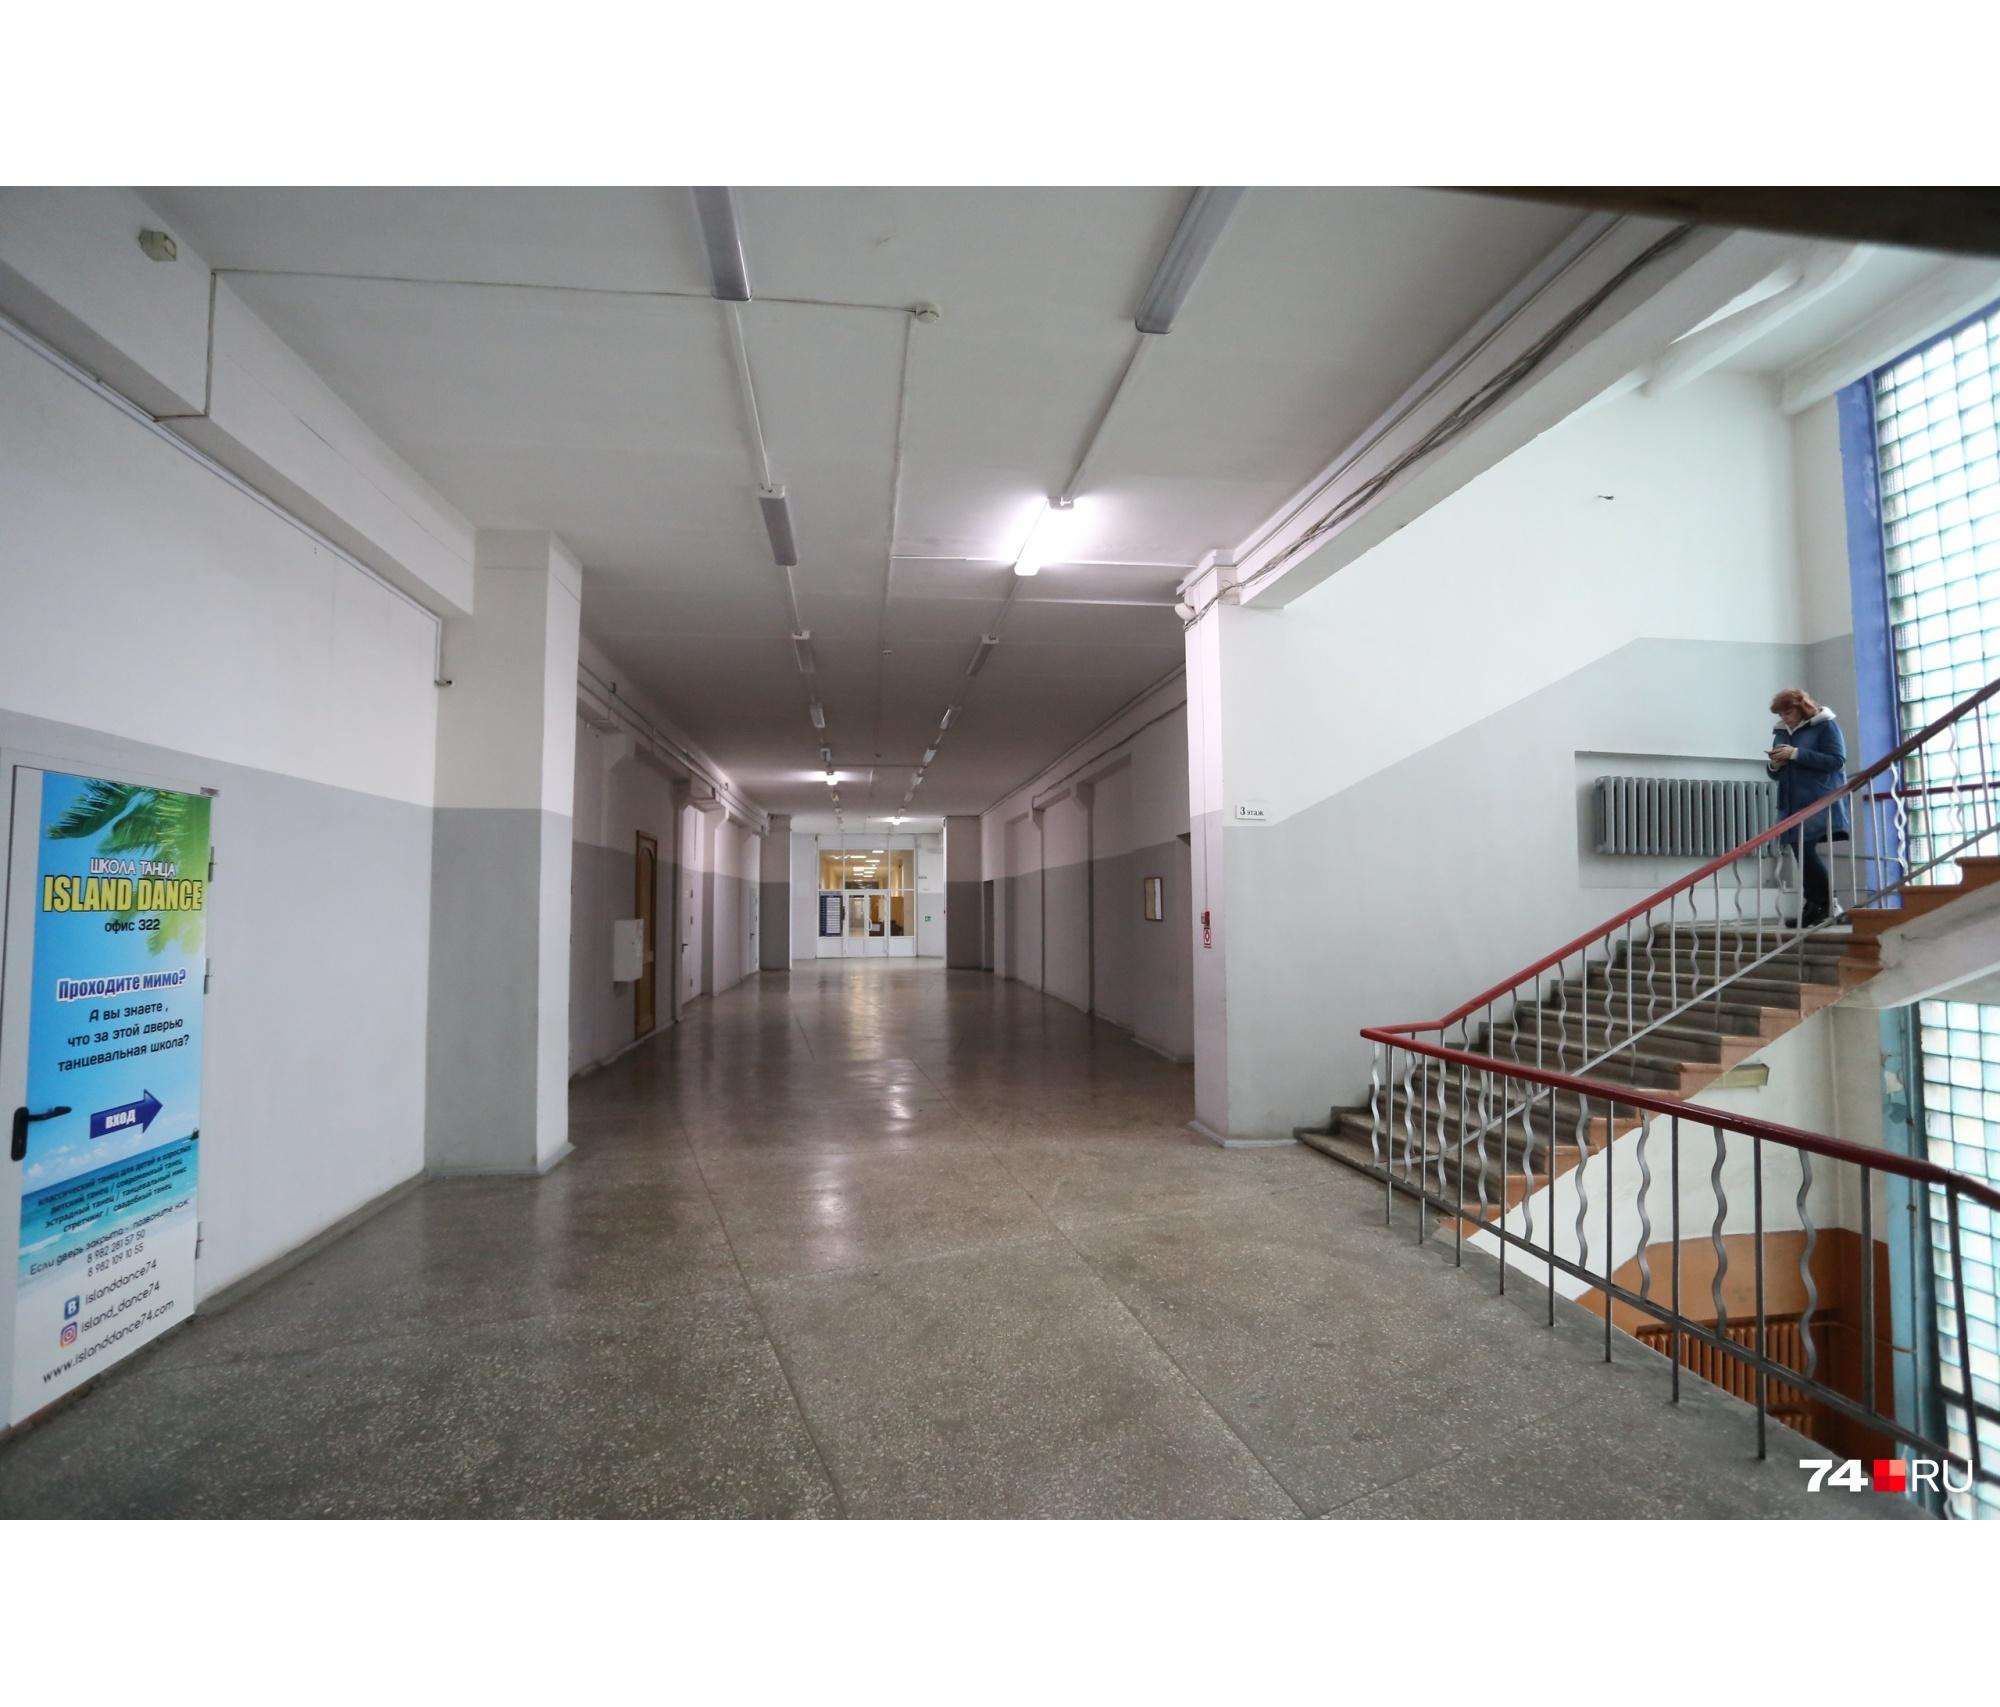 Здесь длинные коридоры и высокие потолки